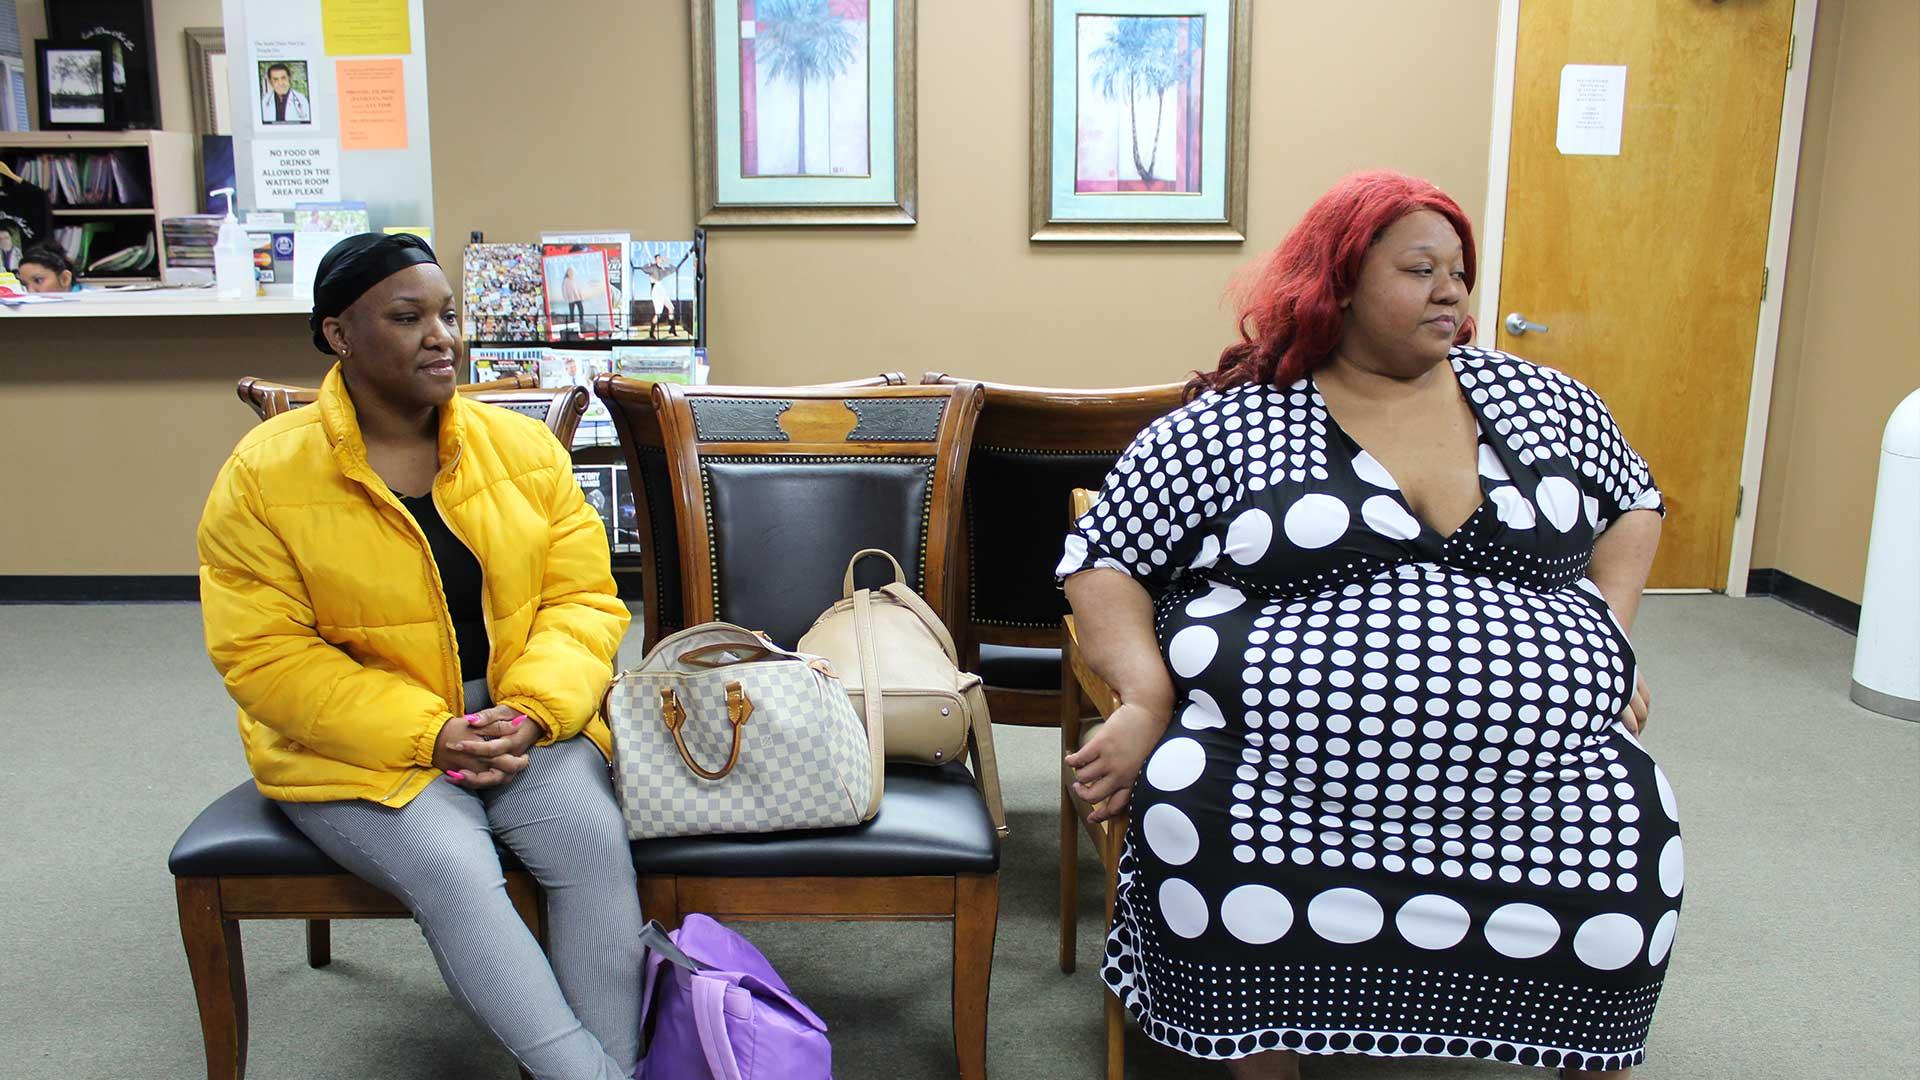 Quienes sufren la obesidad deben tener acceso a una atención especializada y de alta calidad sin prejuicios ni discriminación